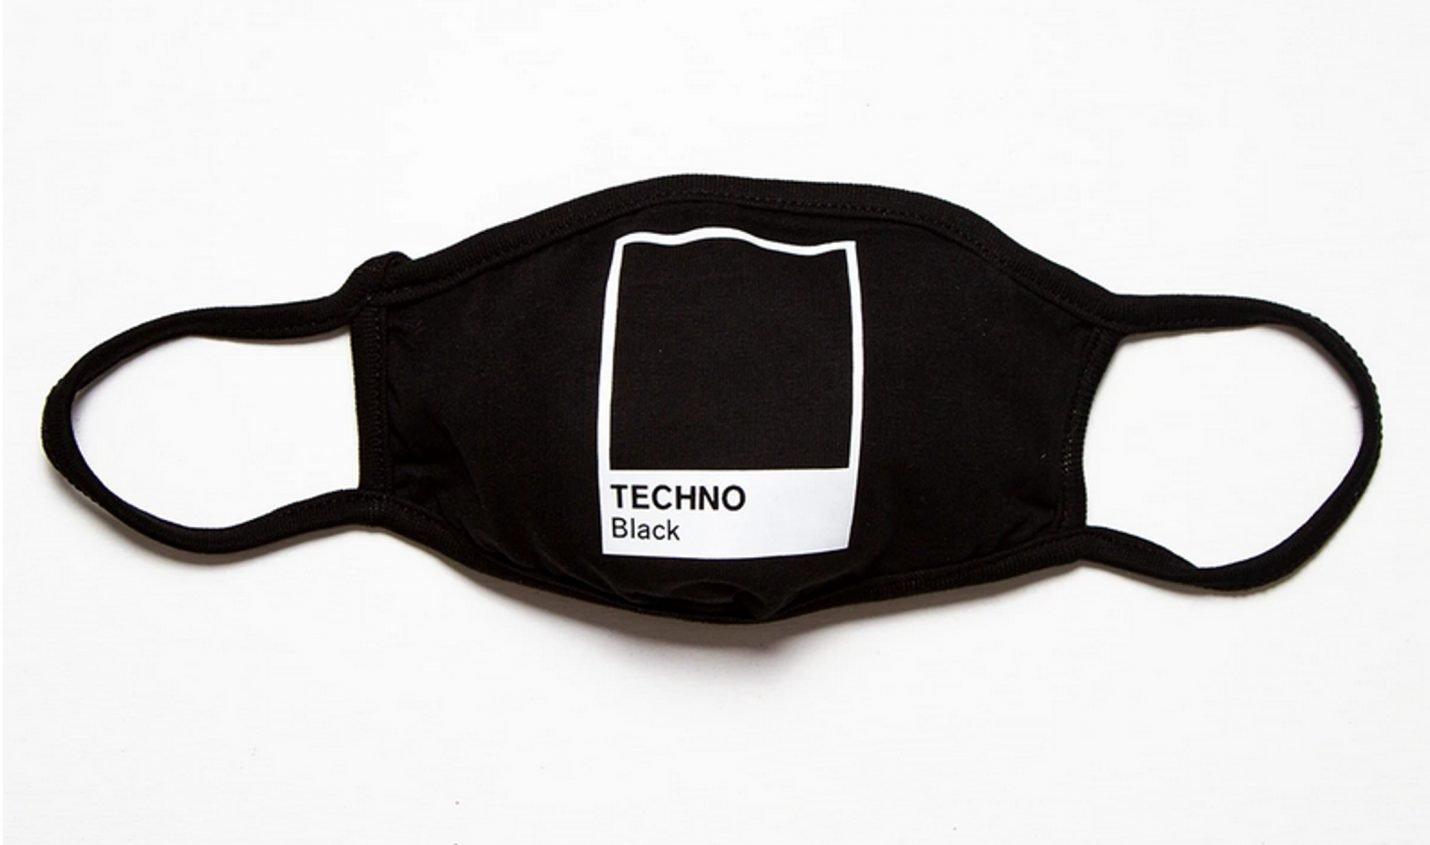 Neu: Corona-Masken mit von Techno und Rave inspirierten Motiven